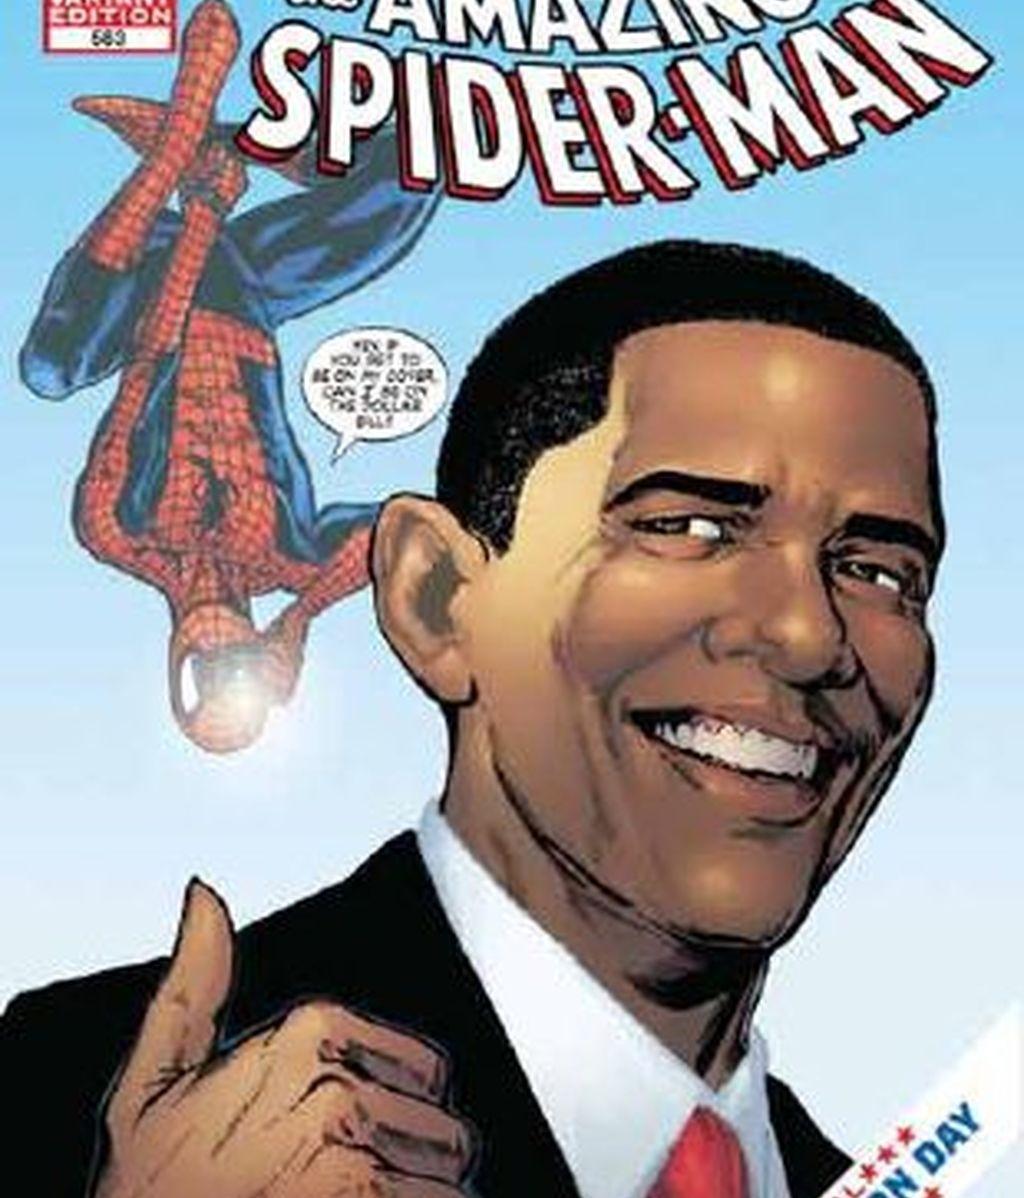 El hombre araña se alía con Obama. Vídeo: ATLAS.